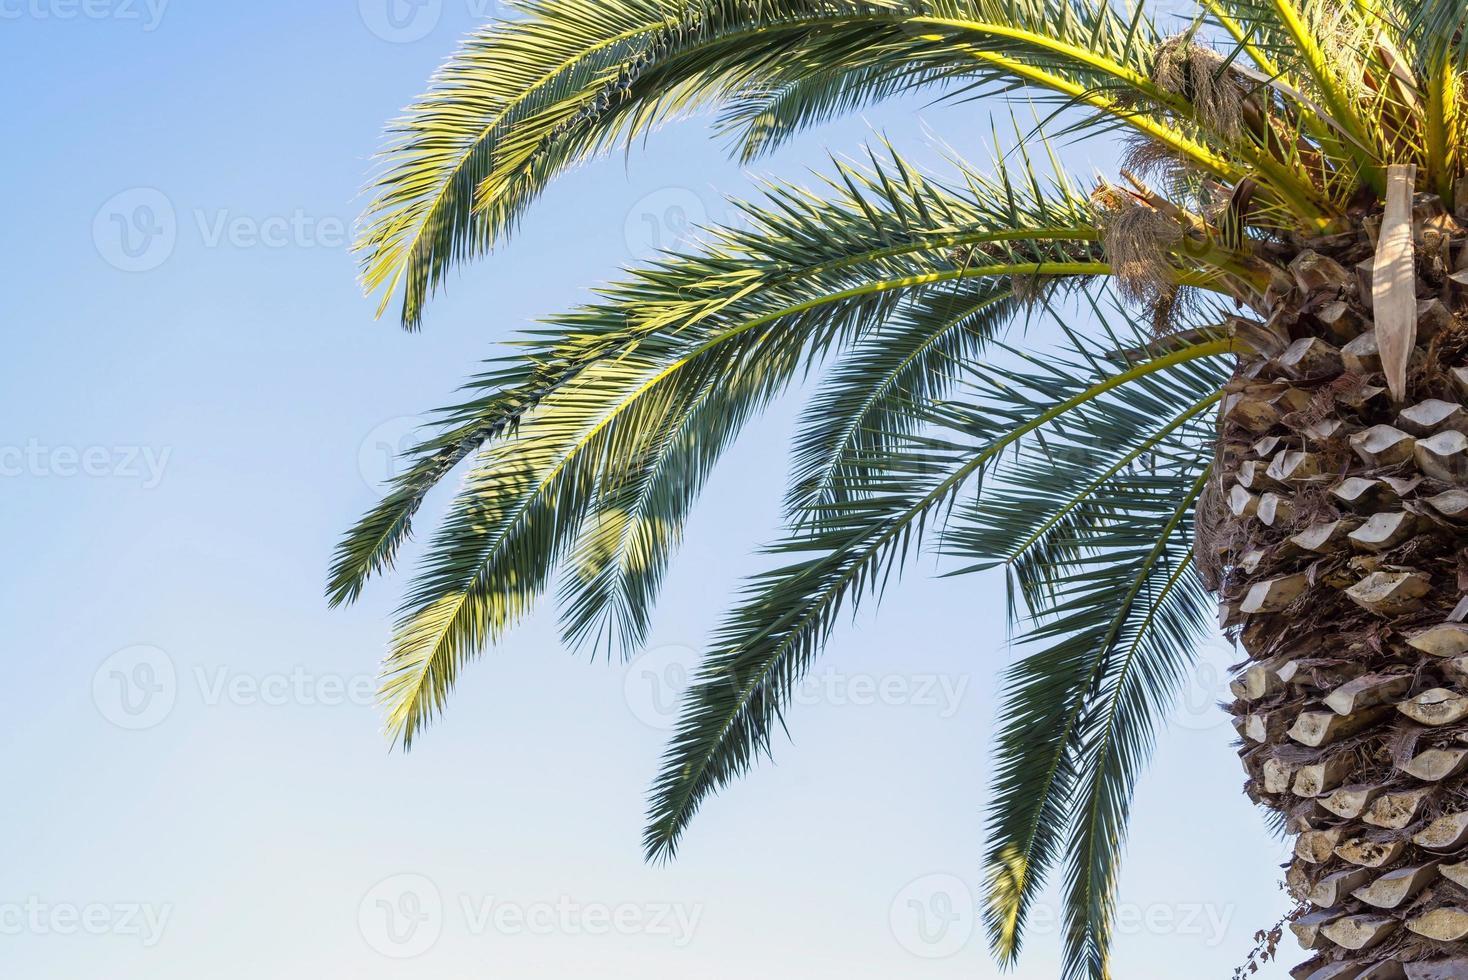 grand palmier contre le ciel bleu photo